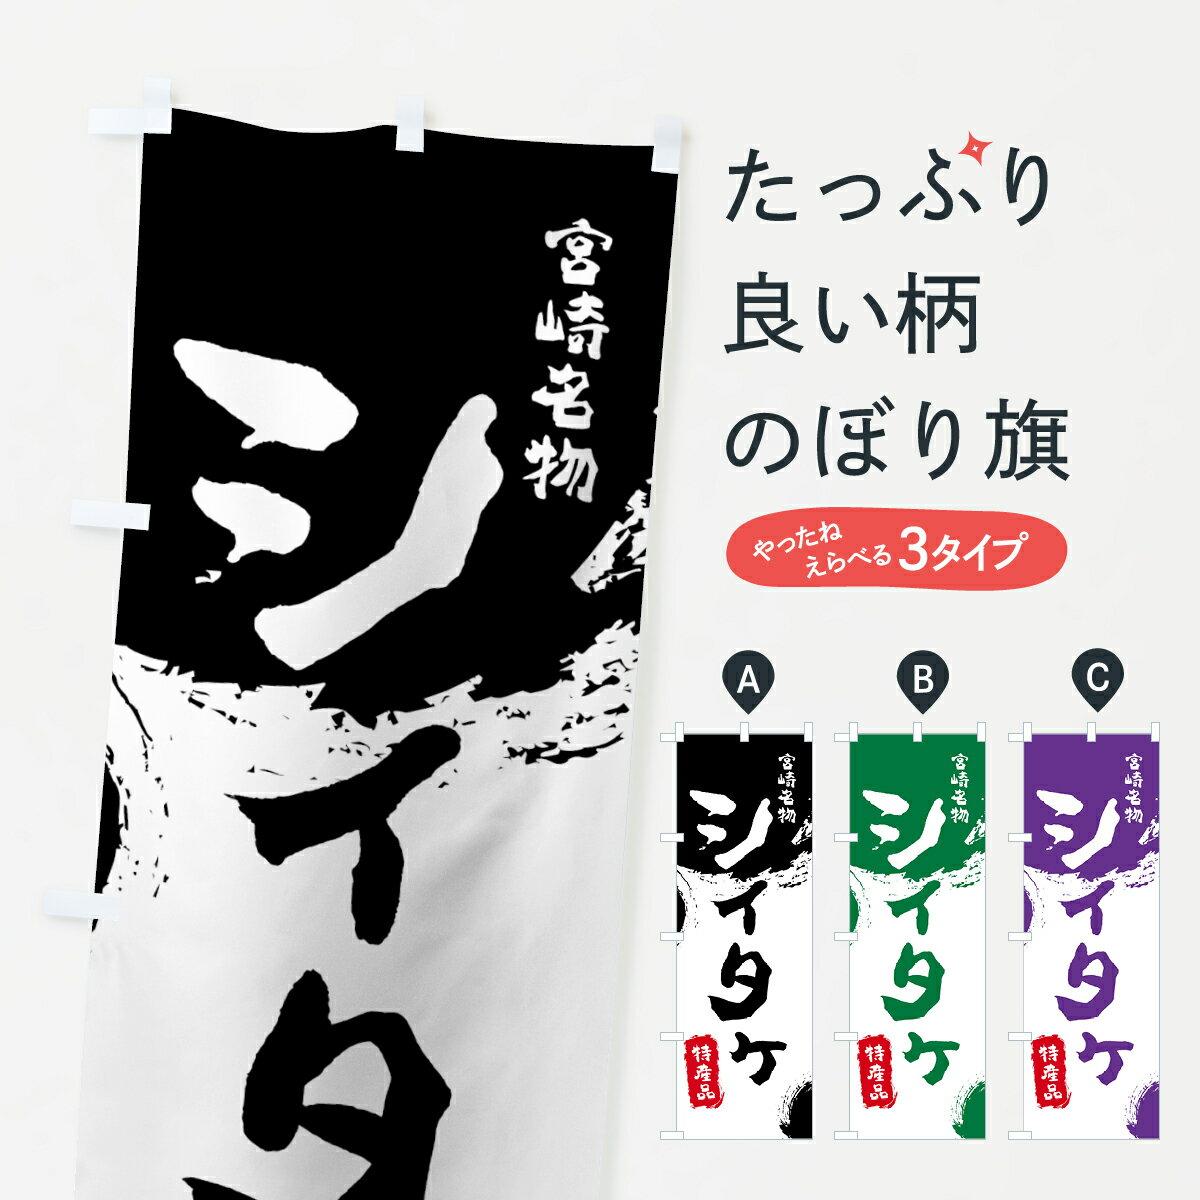 のぼり旗 シイタケのぼり 特産品 宮崎名物 椎茸 きのこ・茸